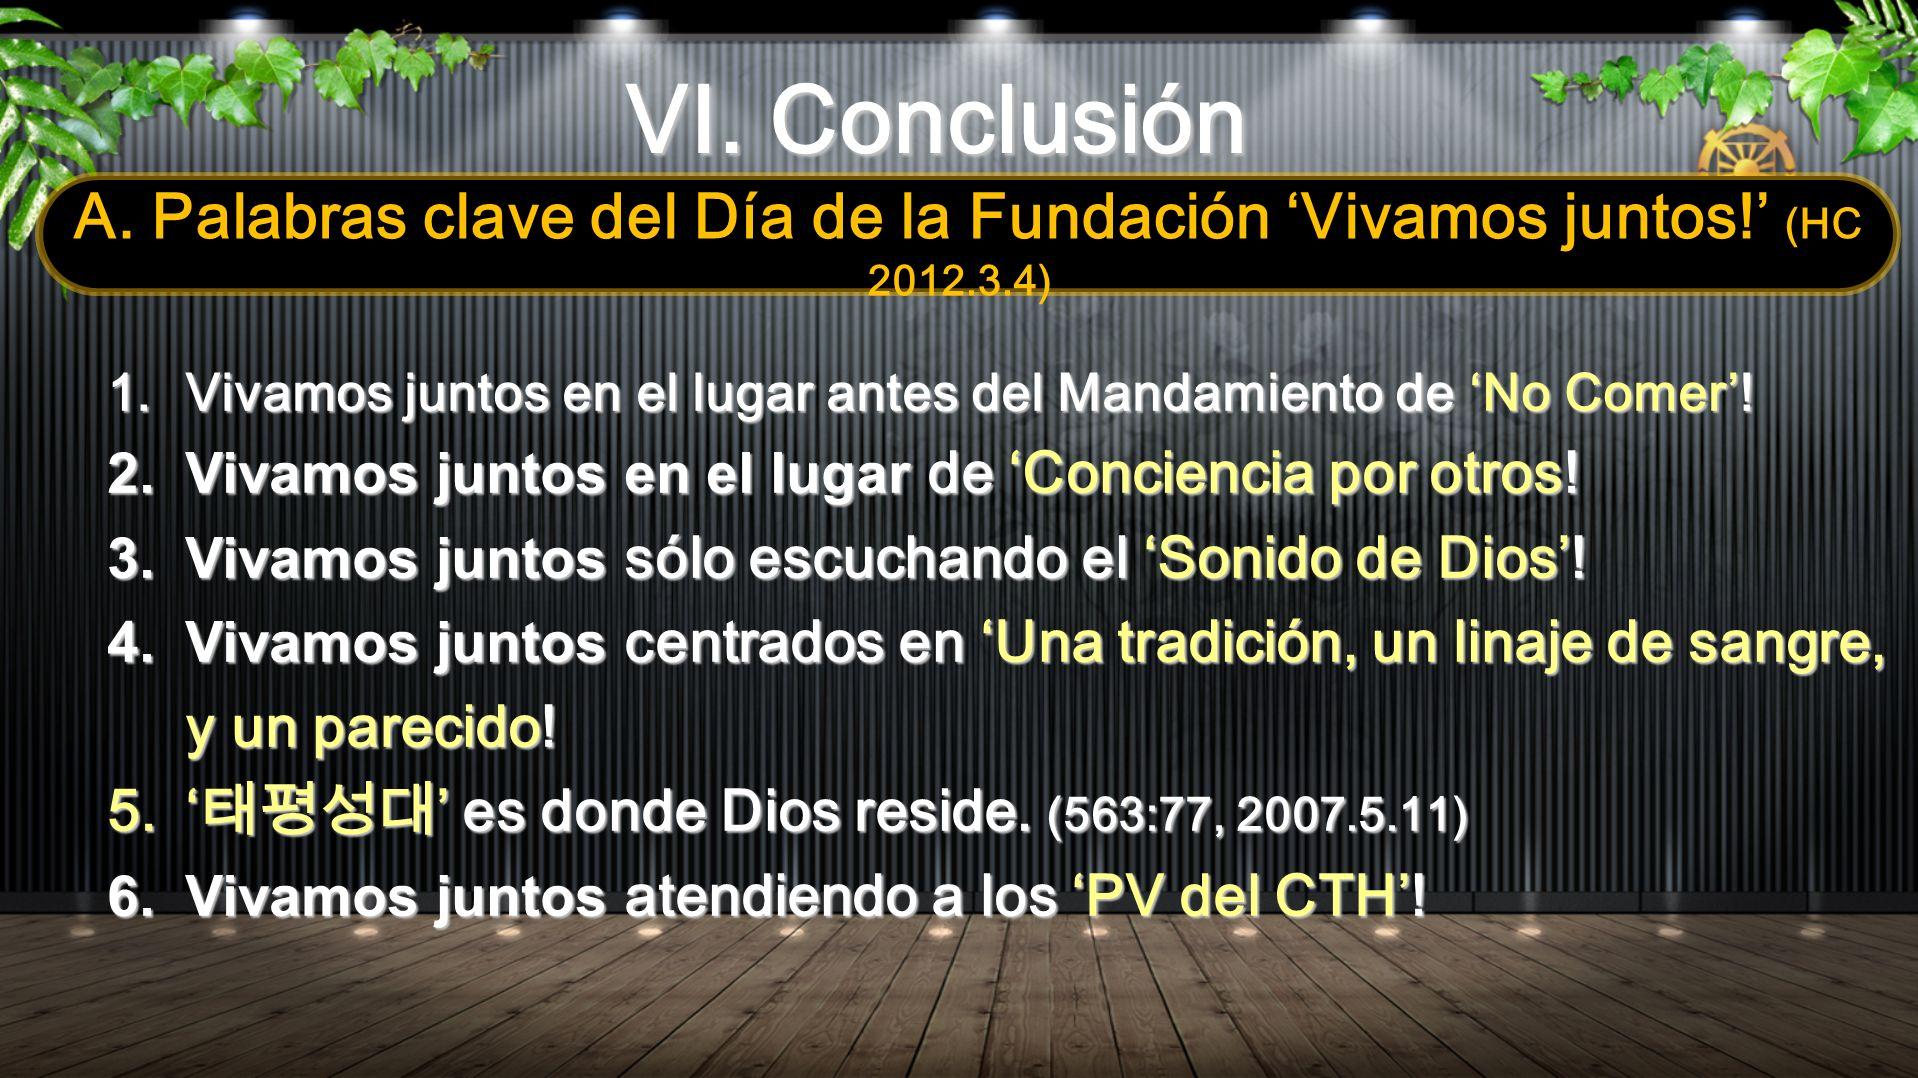 VI. Conclusión A. Palabras clave del Día de la Fundación Vivamos juntos! (HC 2012.3.4) 1. Vivamos juntos en el lugar antes del Mandamiento de No Comer